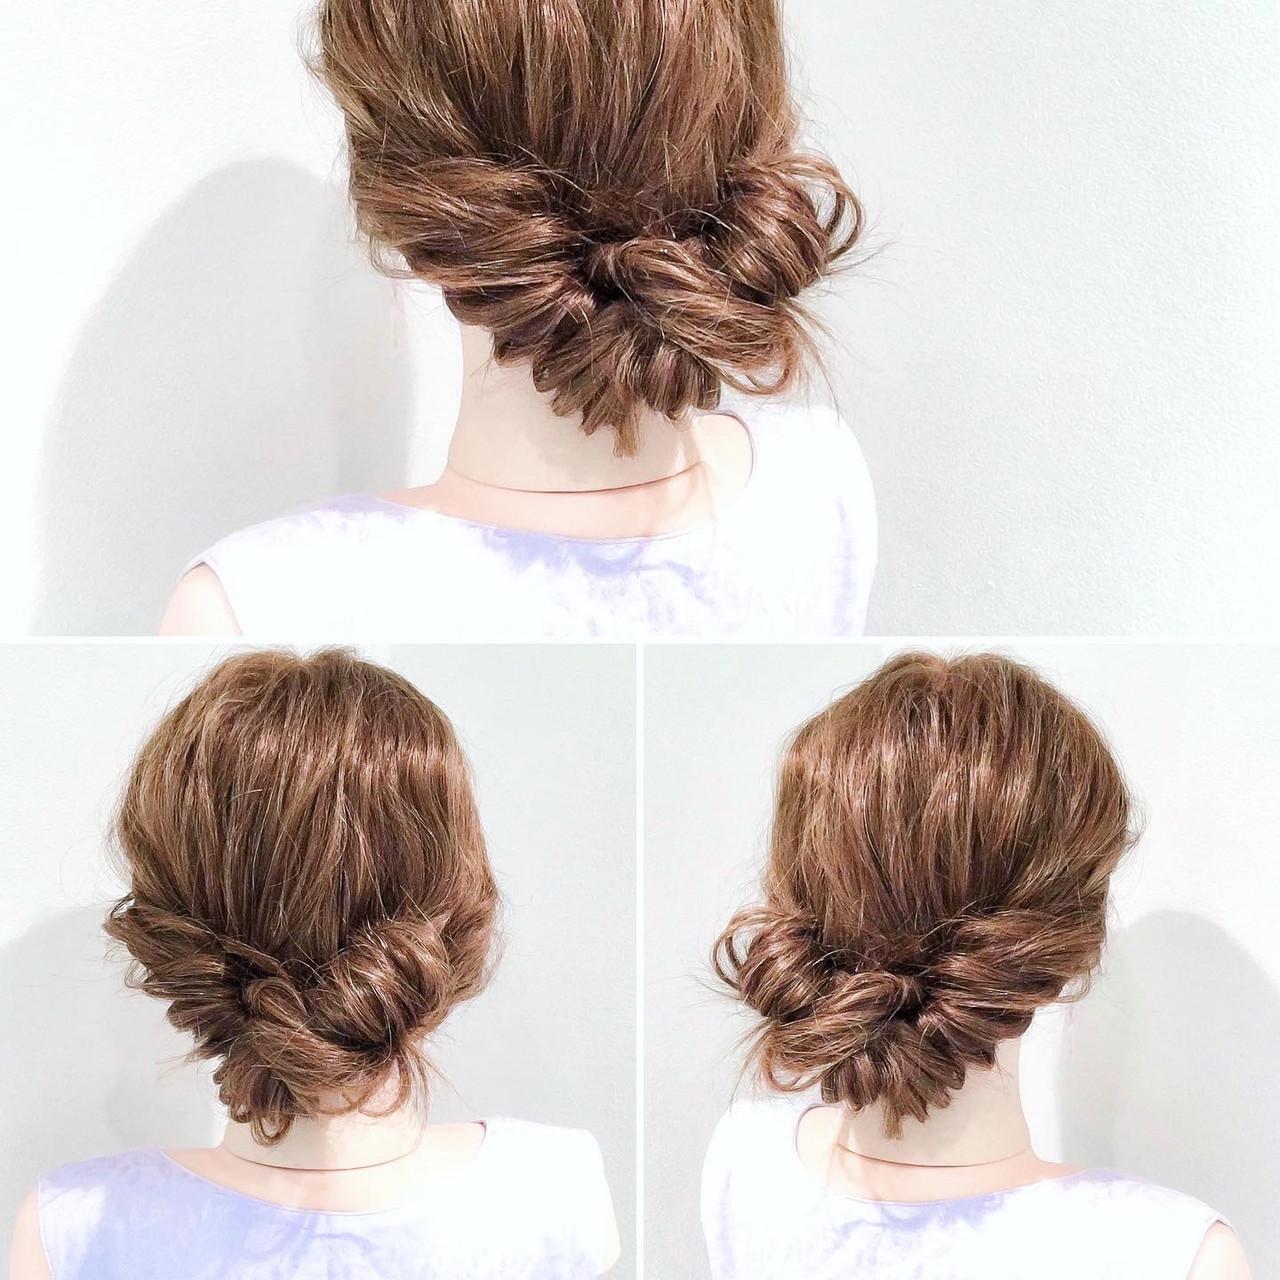 ロング フェミニン ヘアセット アップスタイル ヘアスタイルや髪型の写真・画像